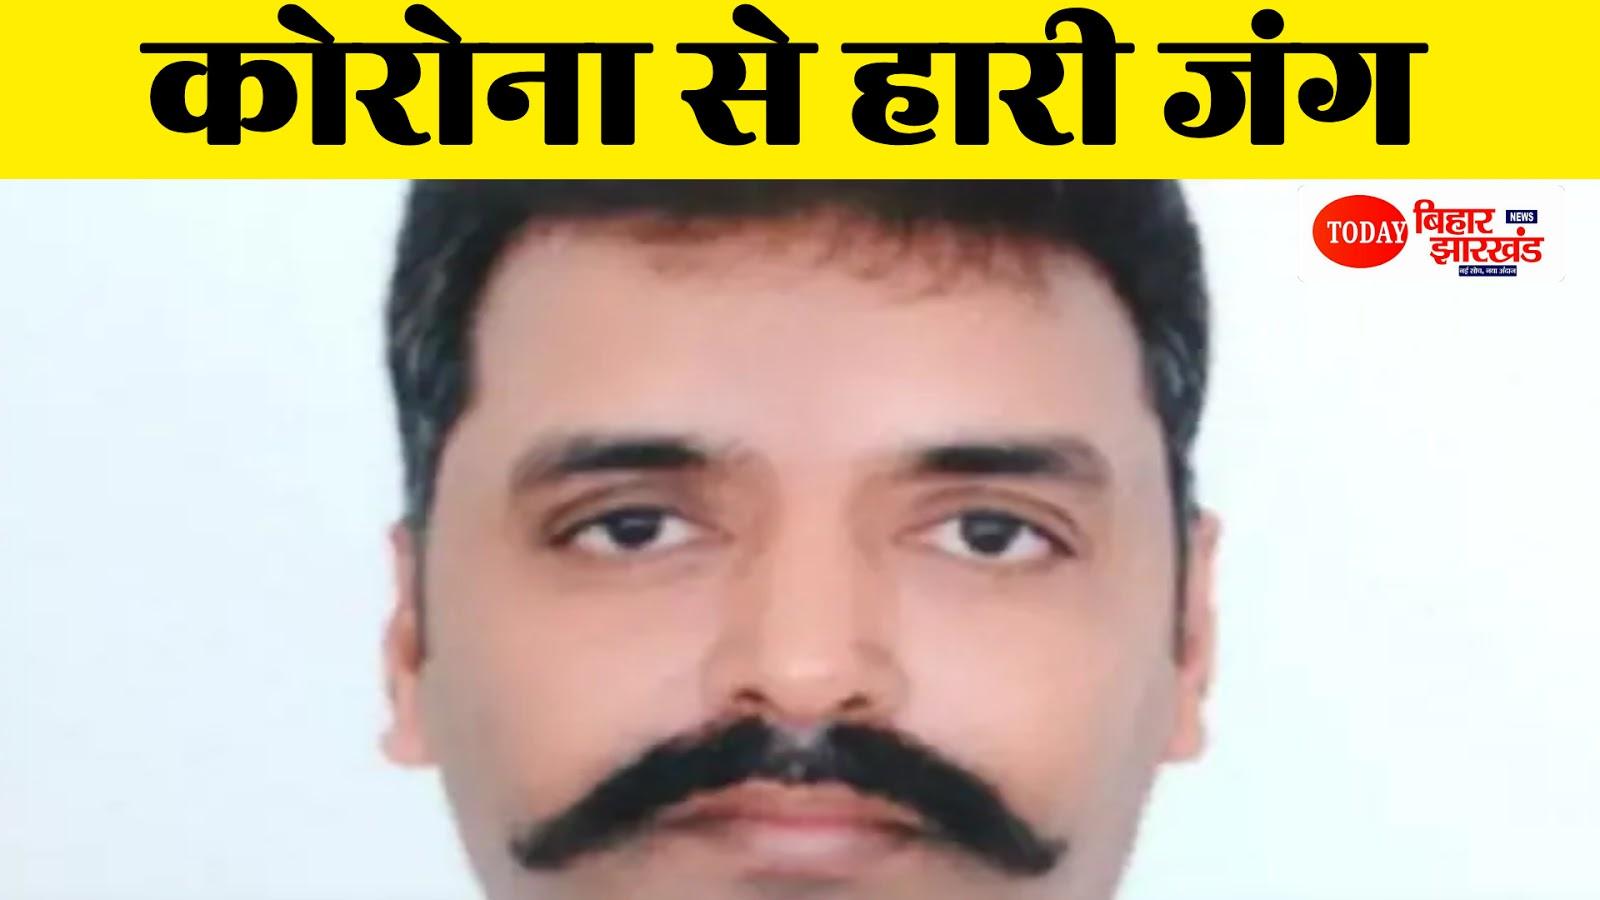 दिल्ली पुलिस के इंस्पेक्टर की कोरोना से मौत, 14 दिन से वेंटिलेटर पर थे